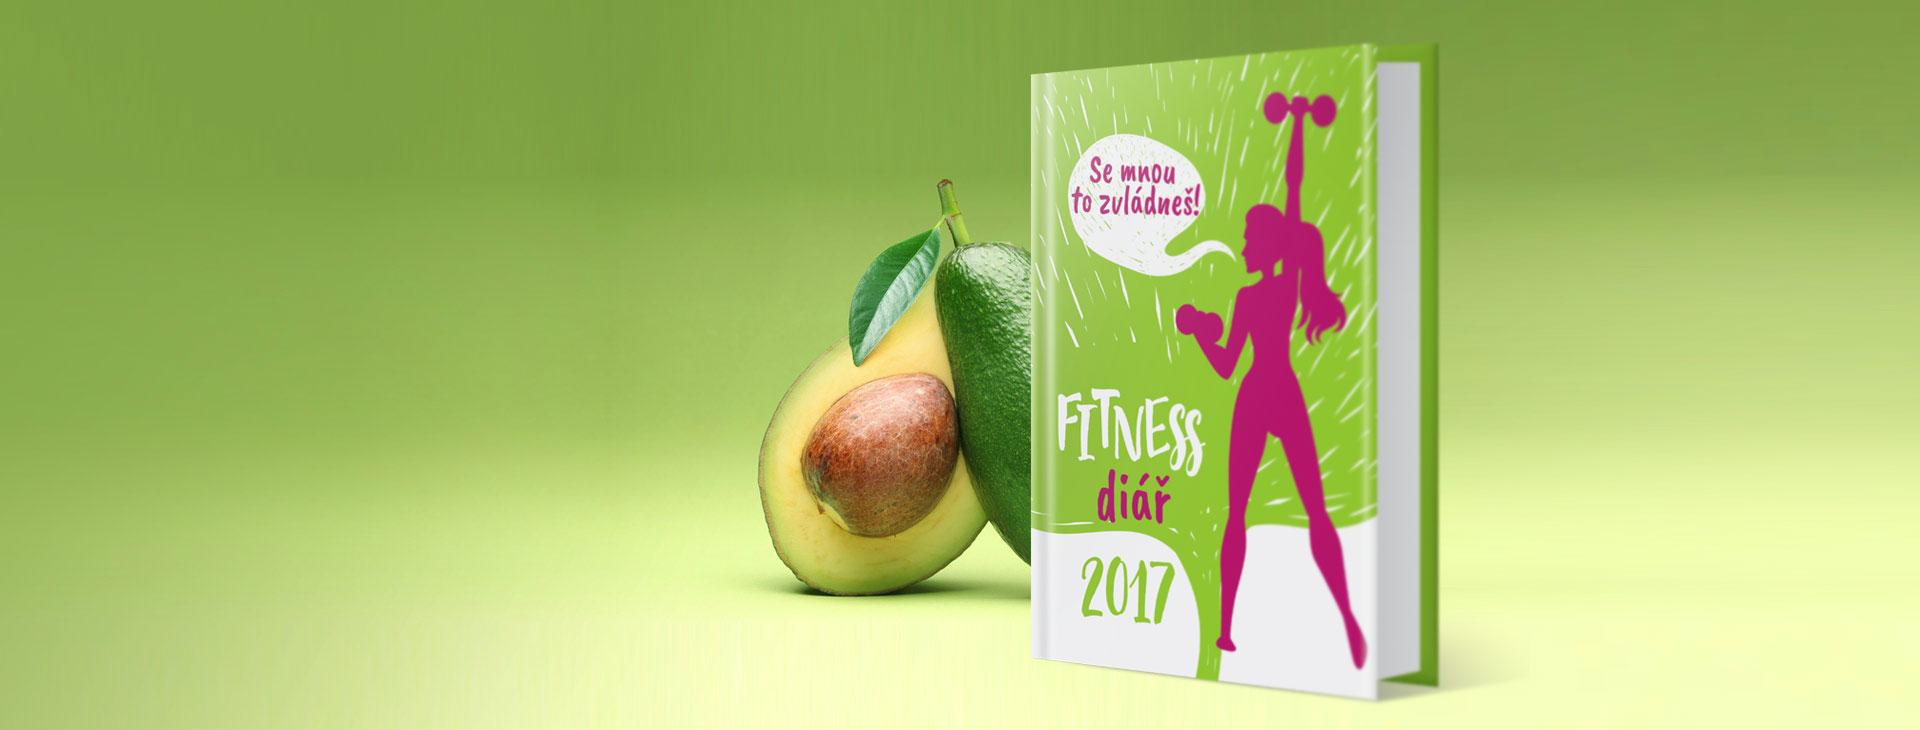 Nový fitness diář na rok 2017 je konečně tady